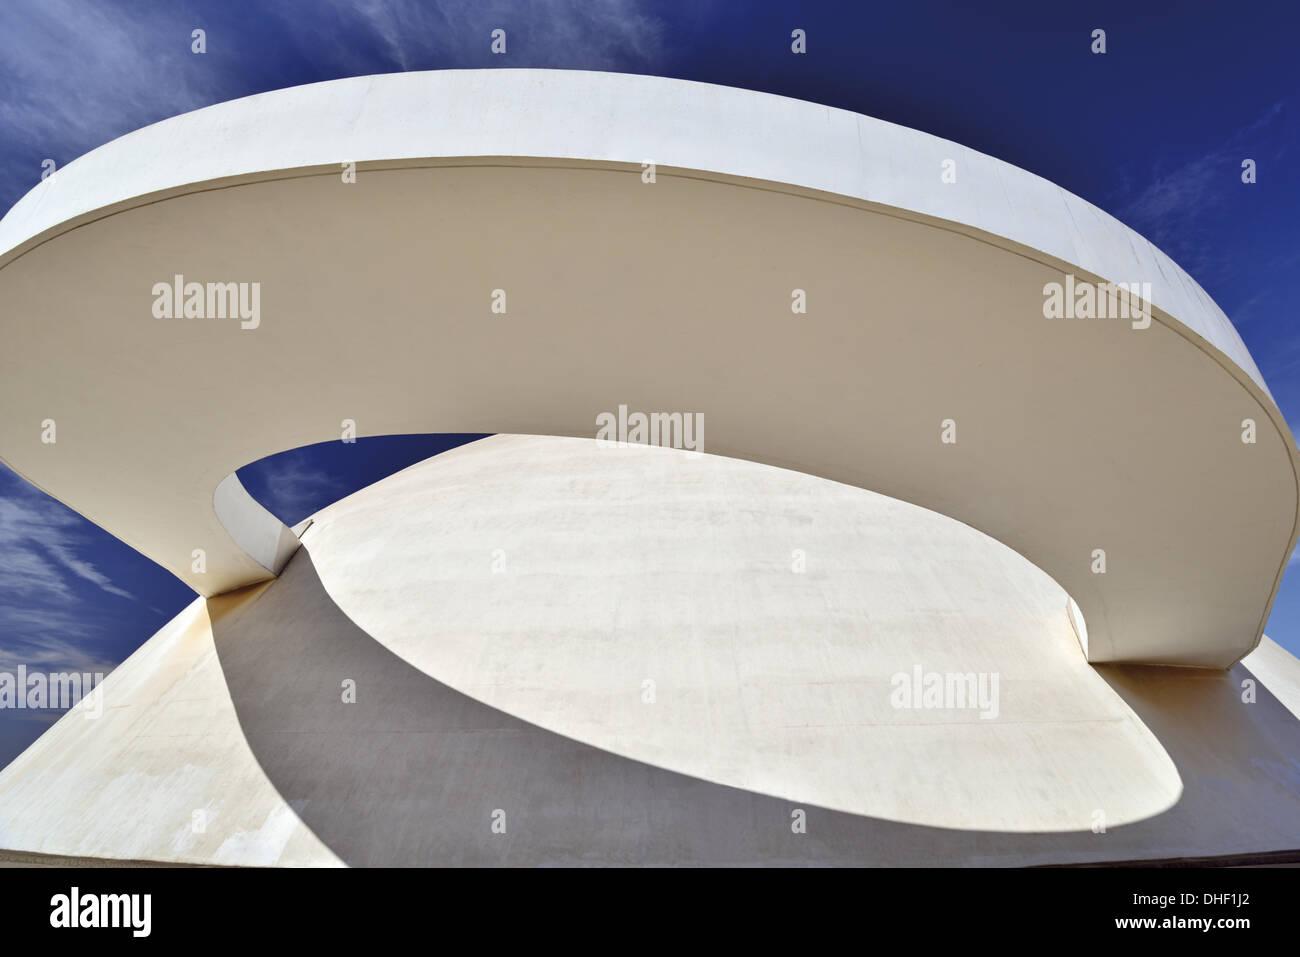 brésil, brasilia, oscar niemeyer, le musée national, le détail, l